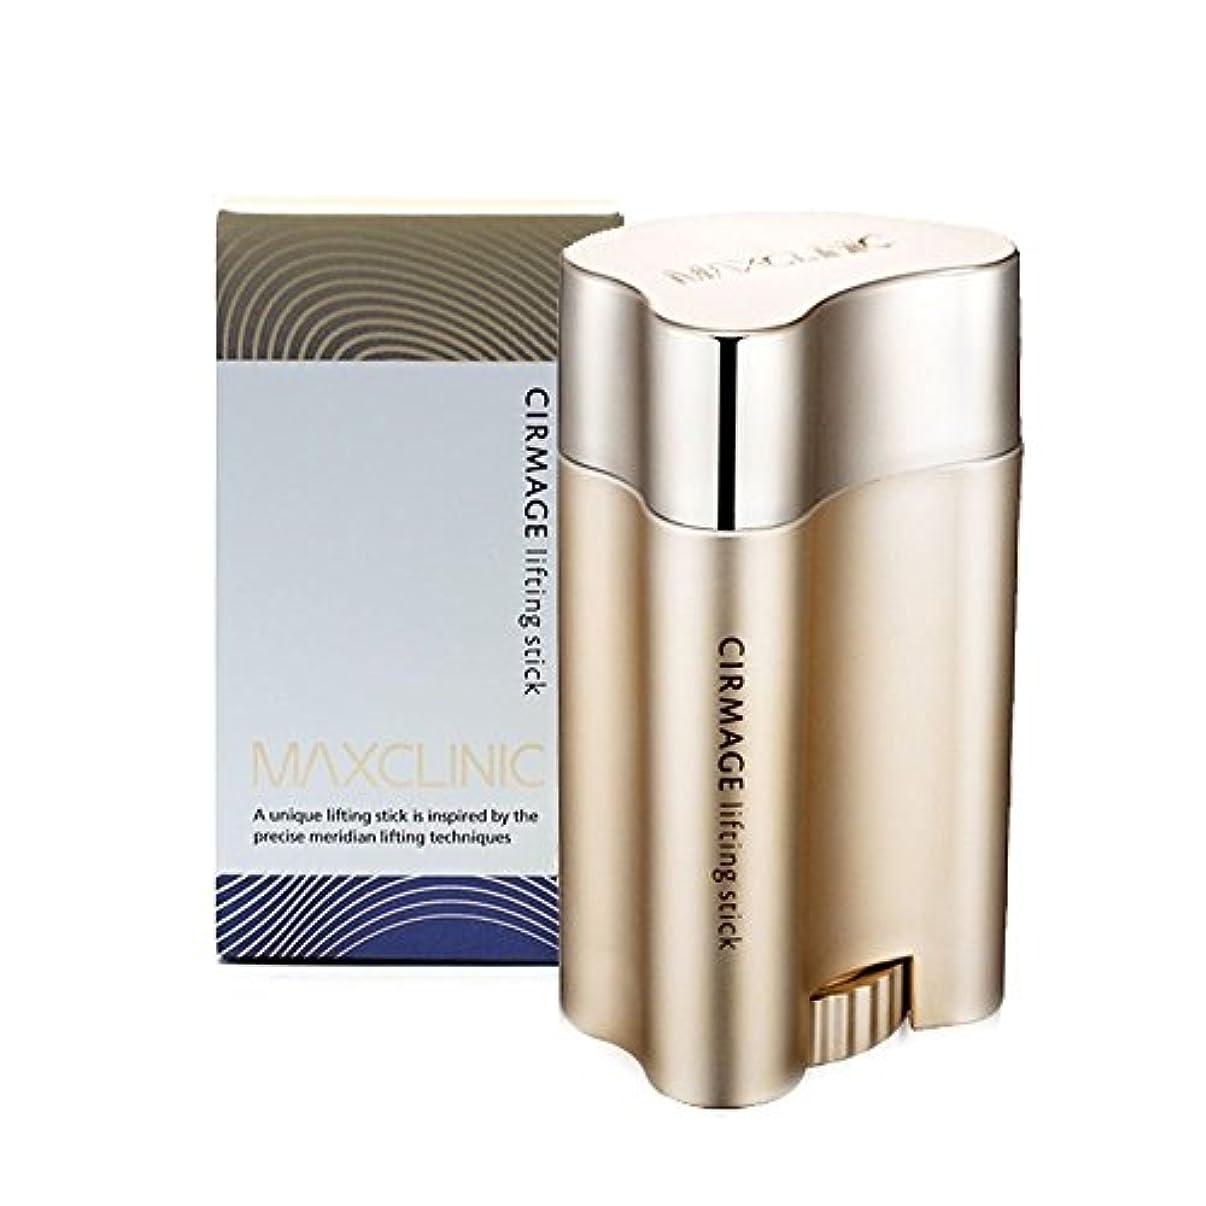 しわ音声誇張するMAXCLINIC マックスクリニック サーメージ リフティング スティック 23g(Cirmage Lifting Stick 23g)/Direct from Korea/w free Gift Sample [並行輸入品]